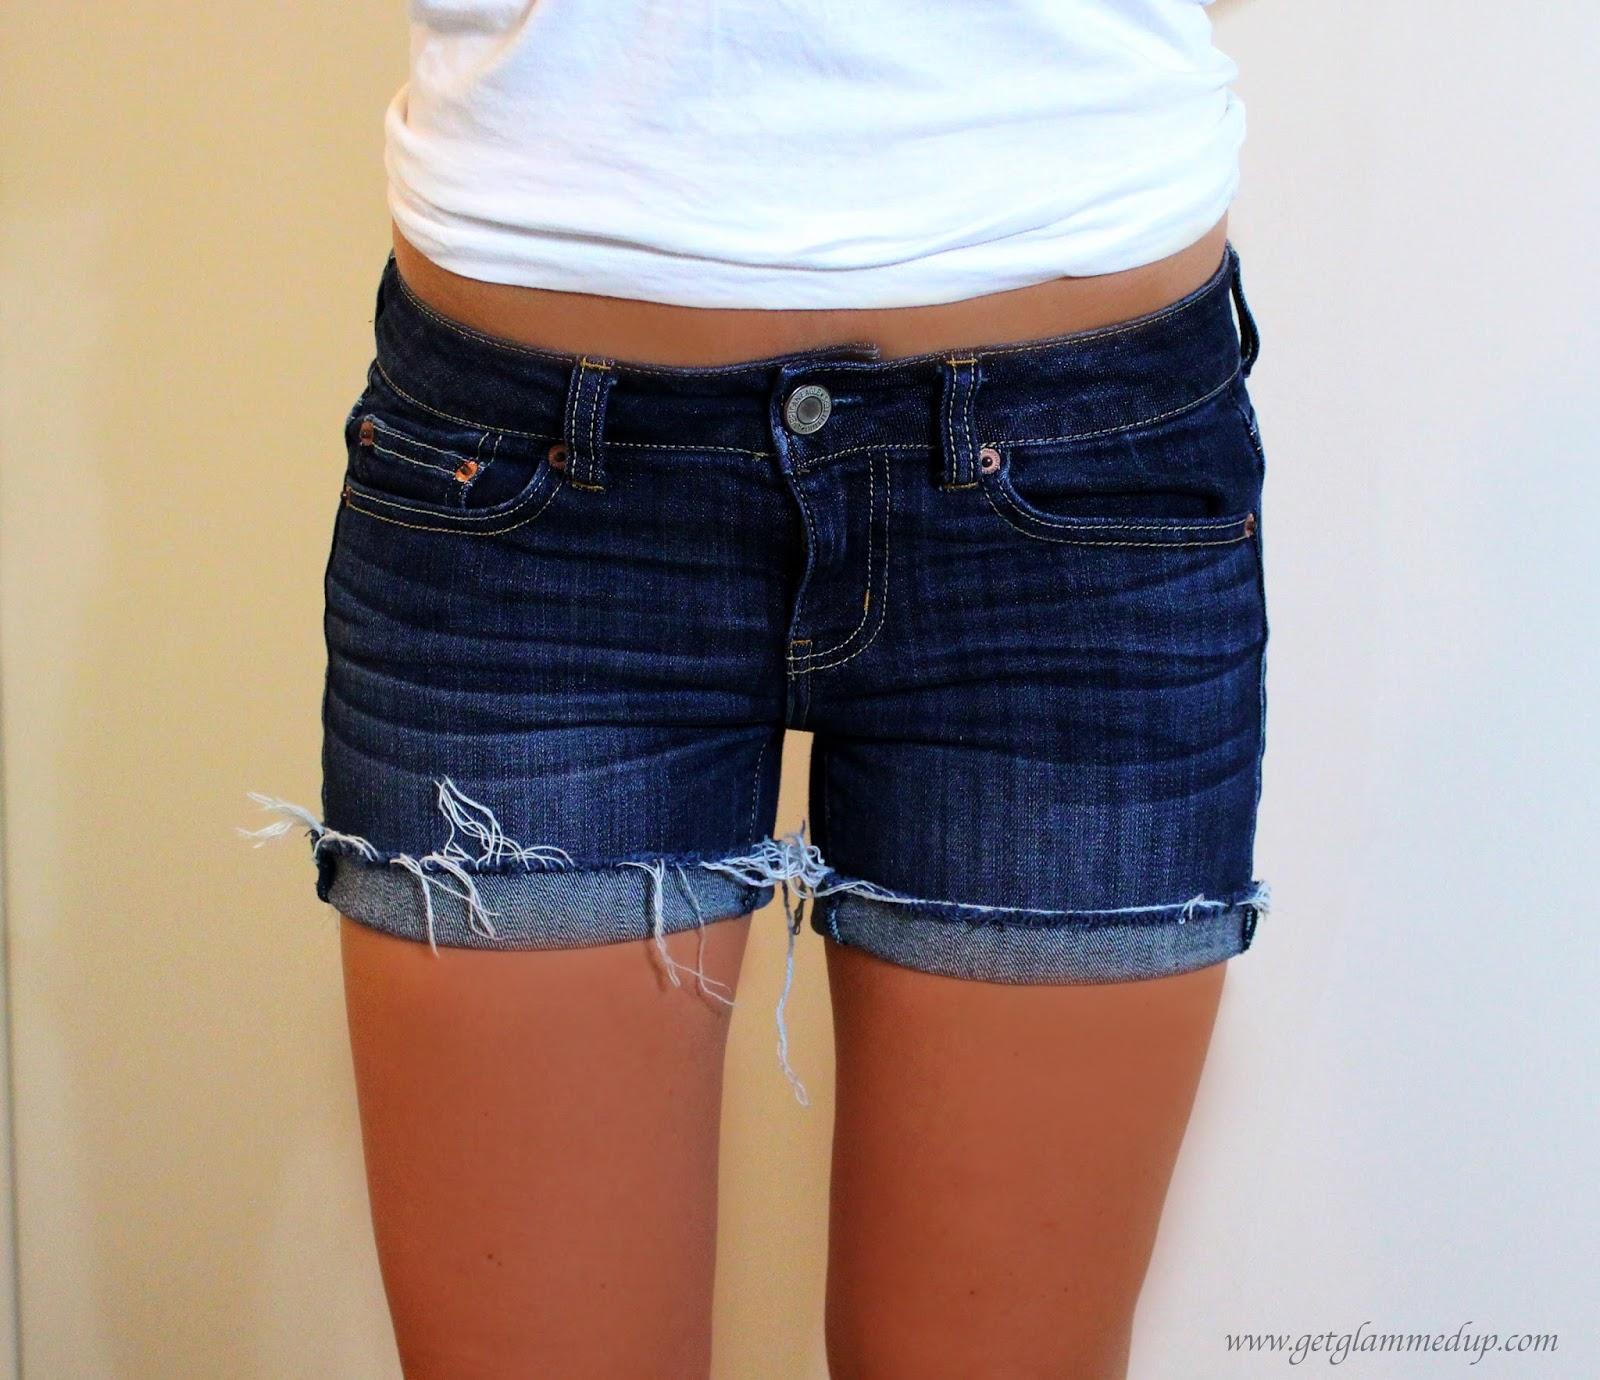 best denim shorts for bigger thighs & butt: getglammedup